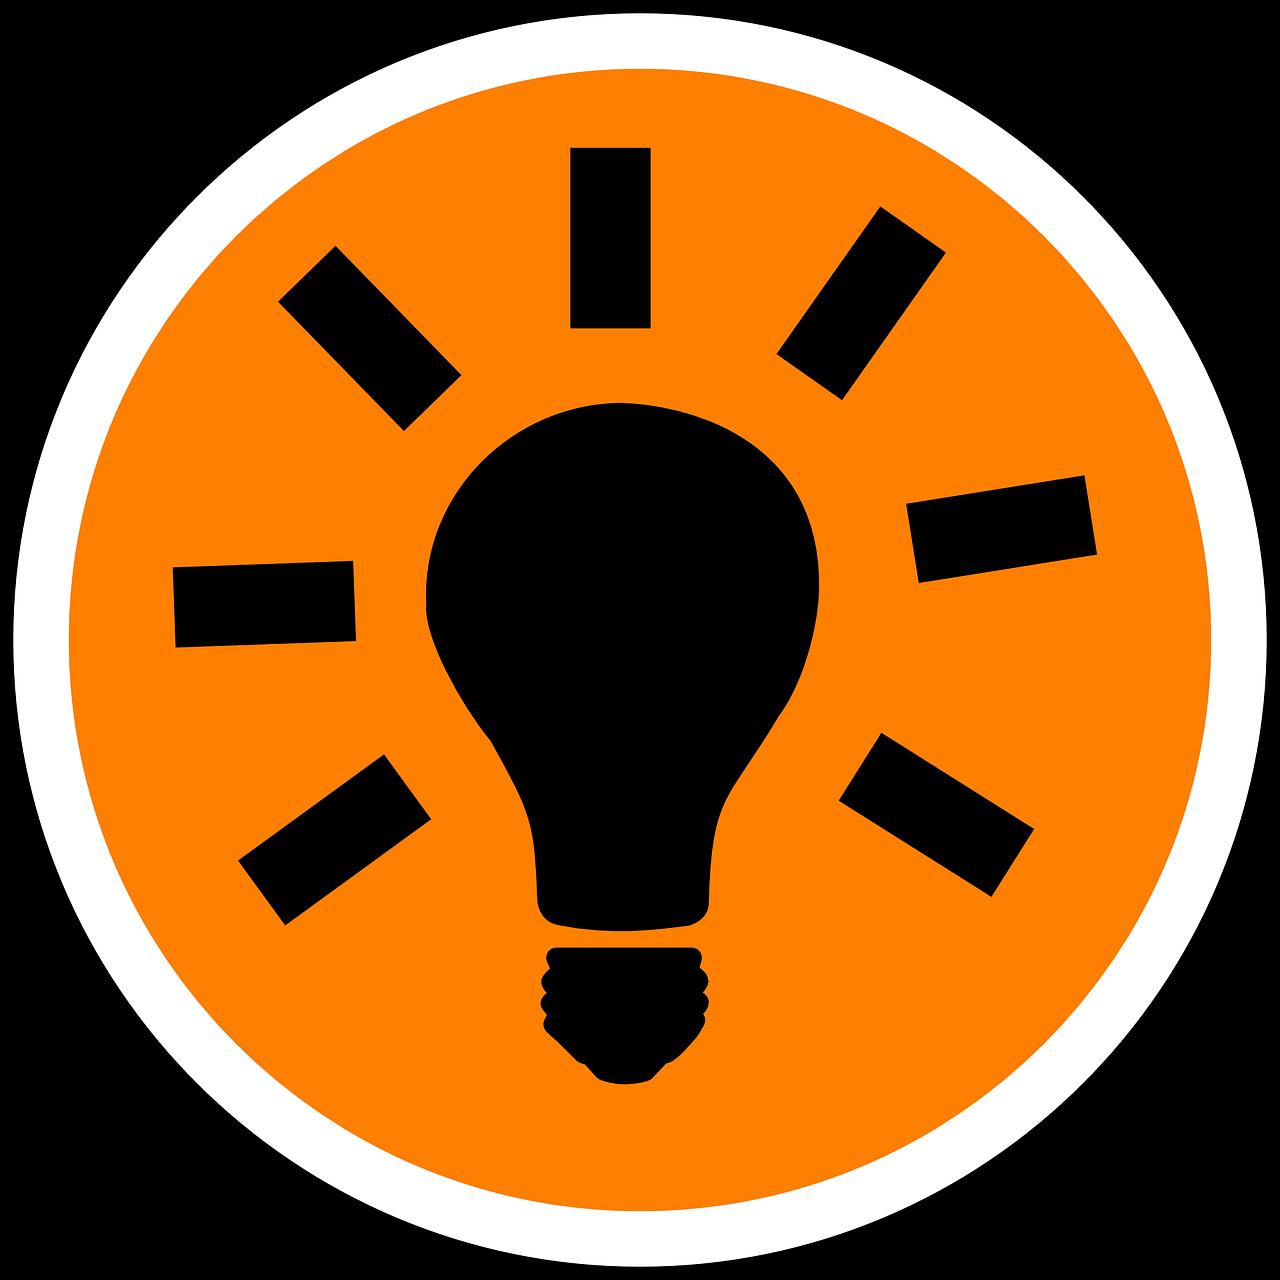 Light bulb moment diagram